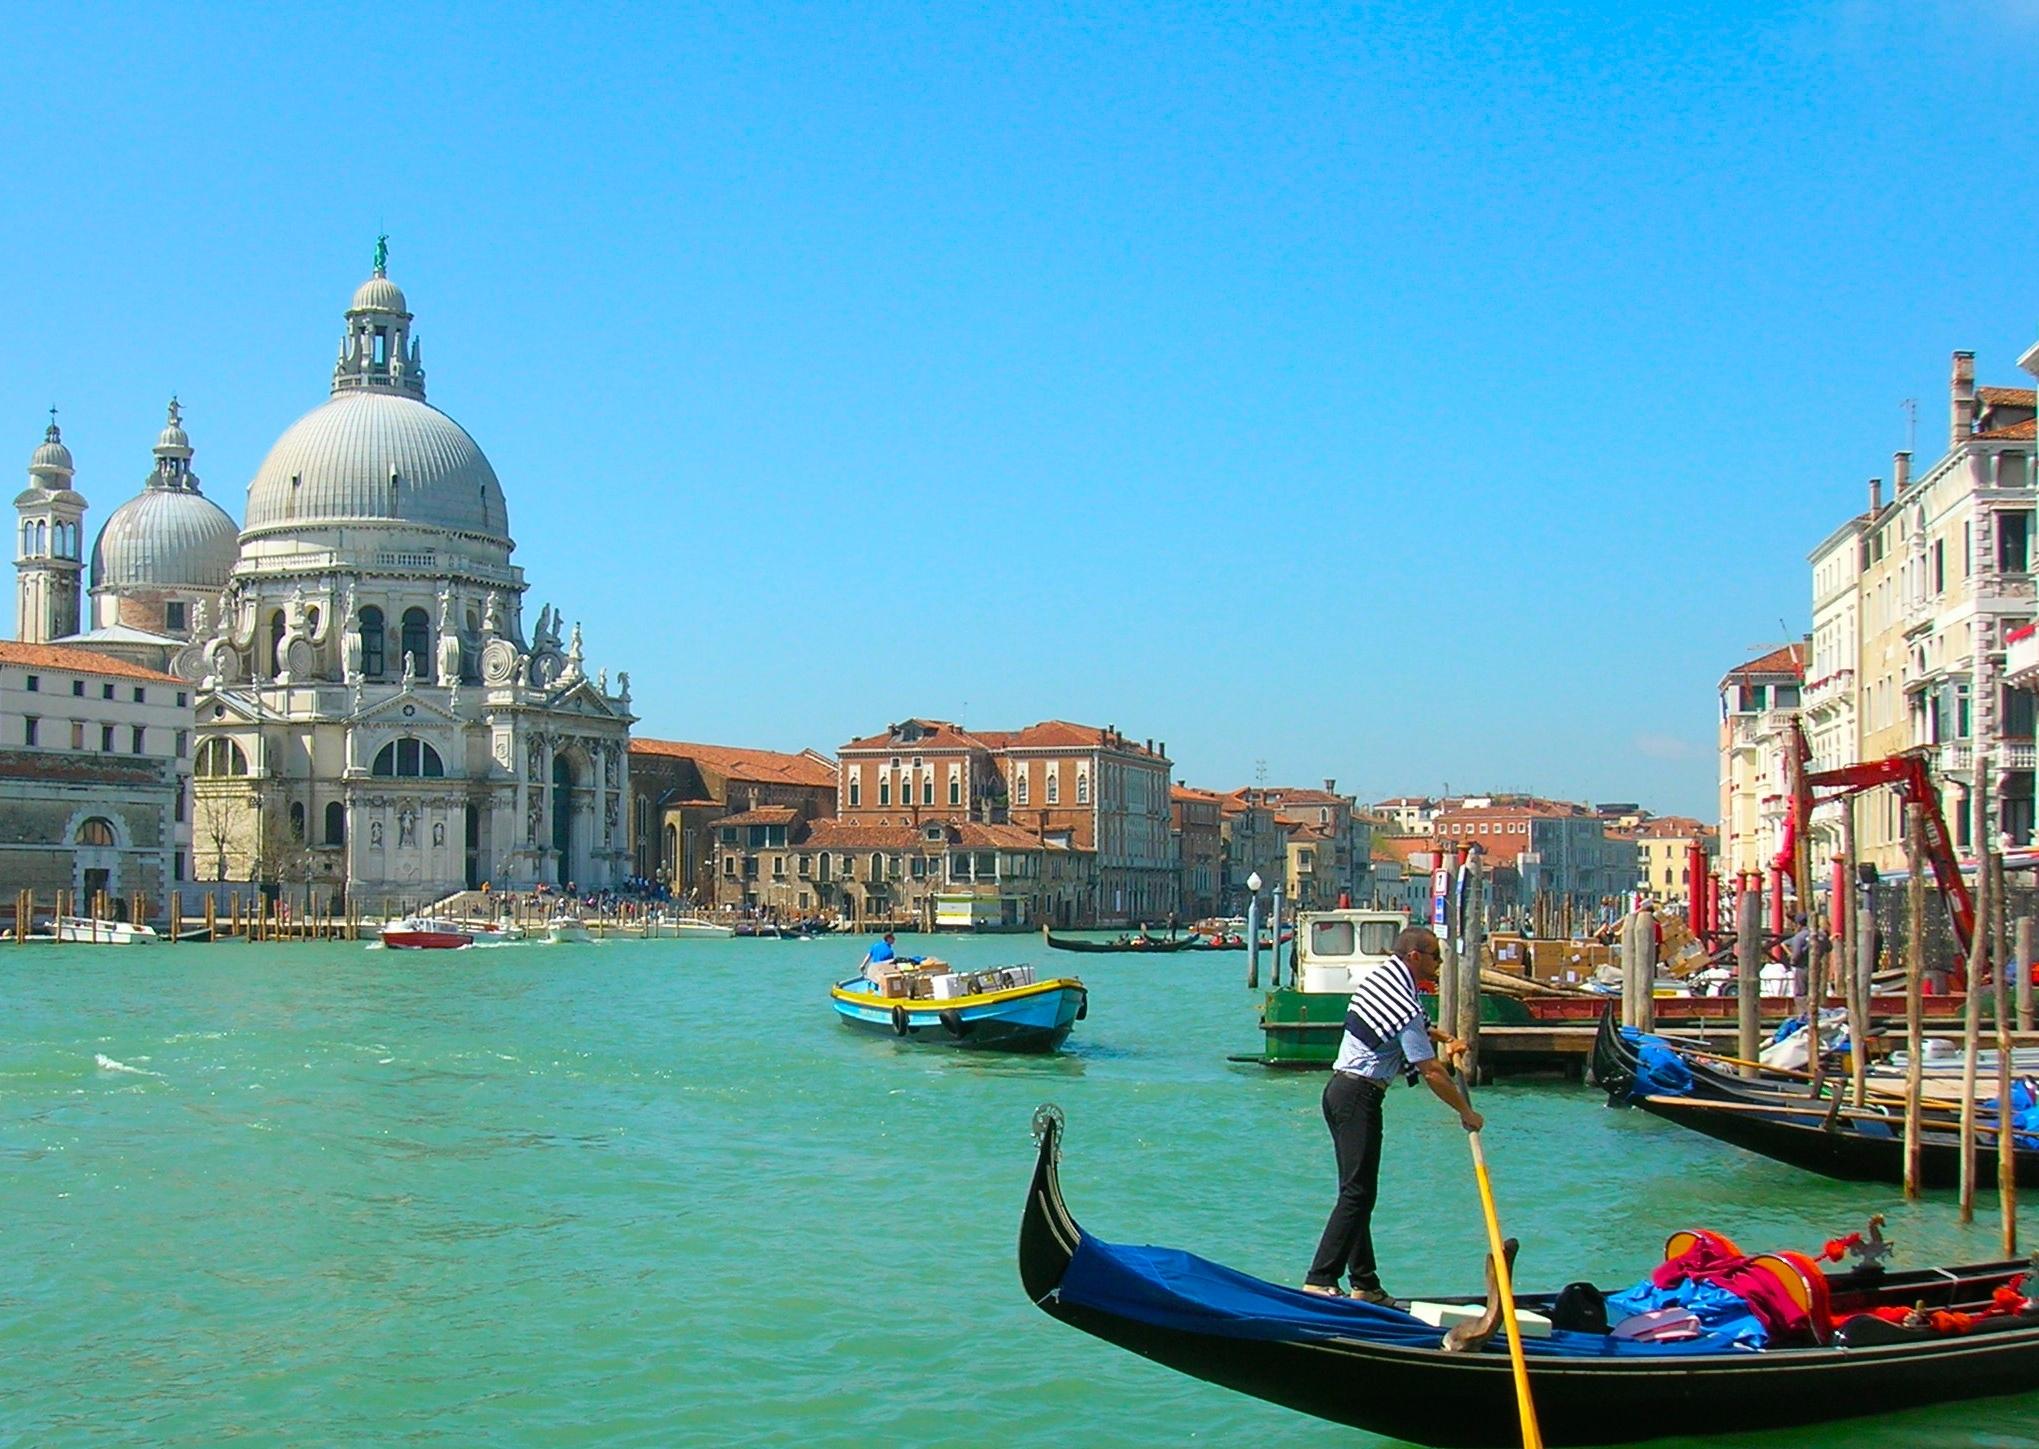 venezia-56181750.jpg